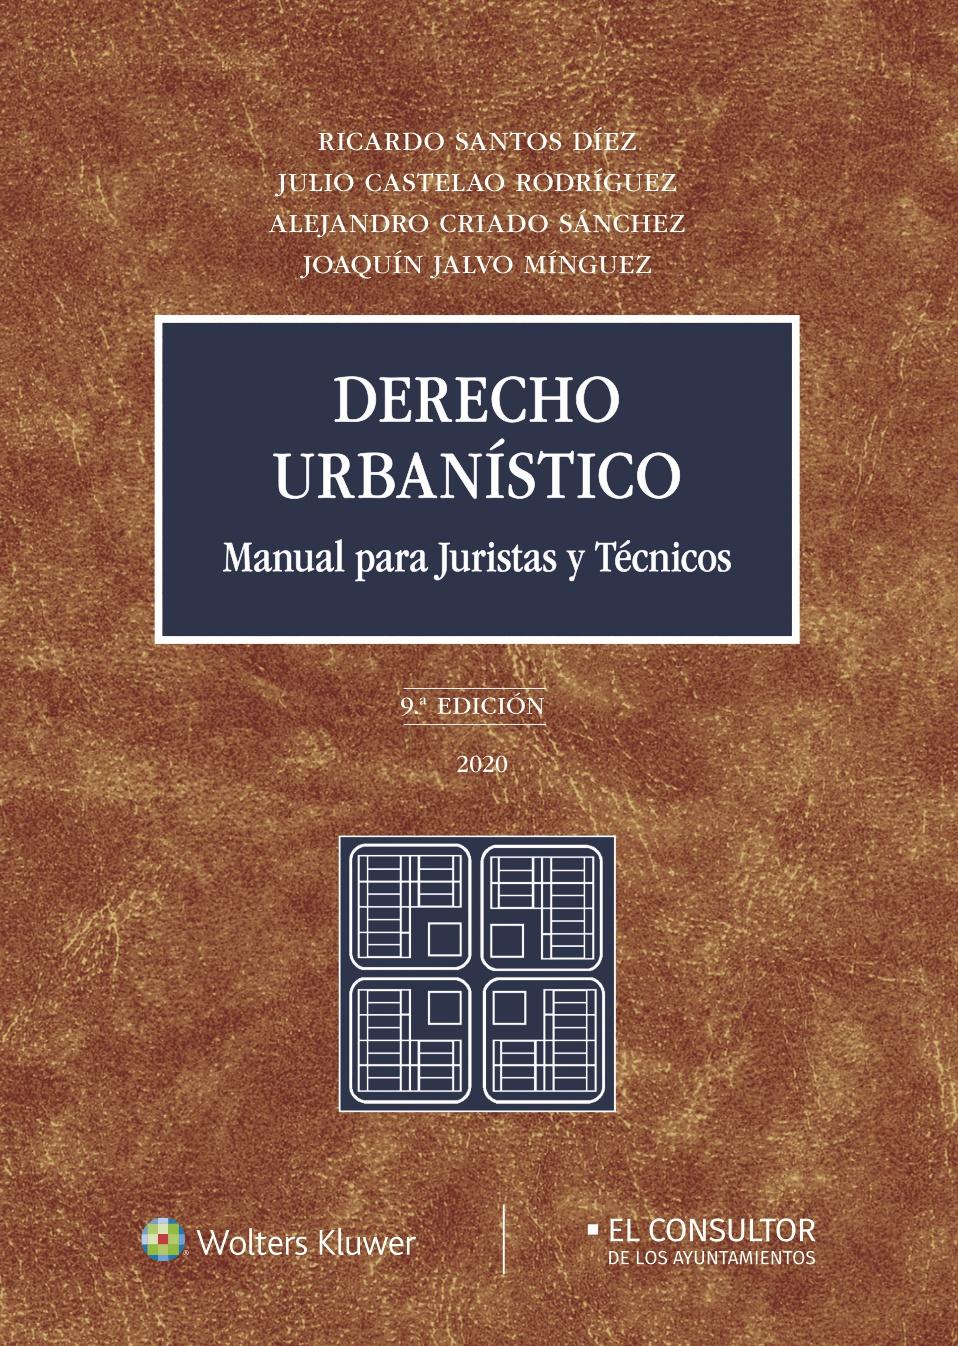 Derecho urbanístico (9.ª Edición)   «Manual para juristas y técnicos»